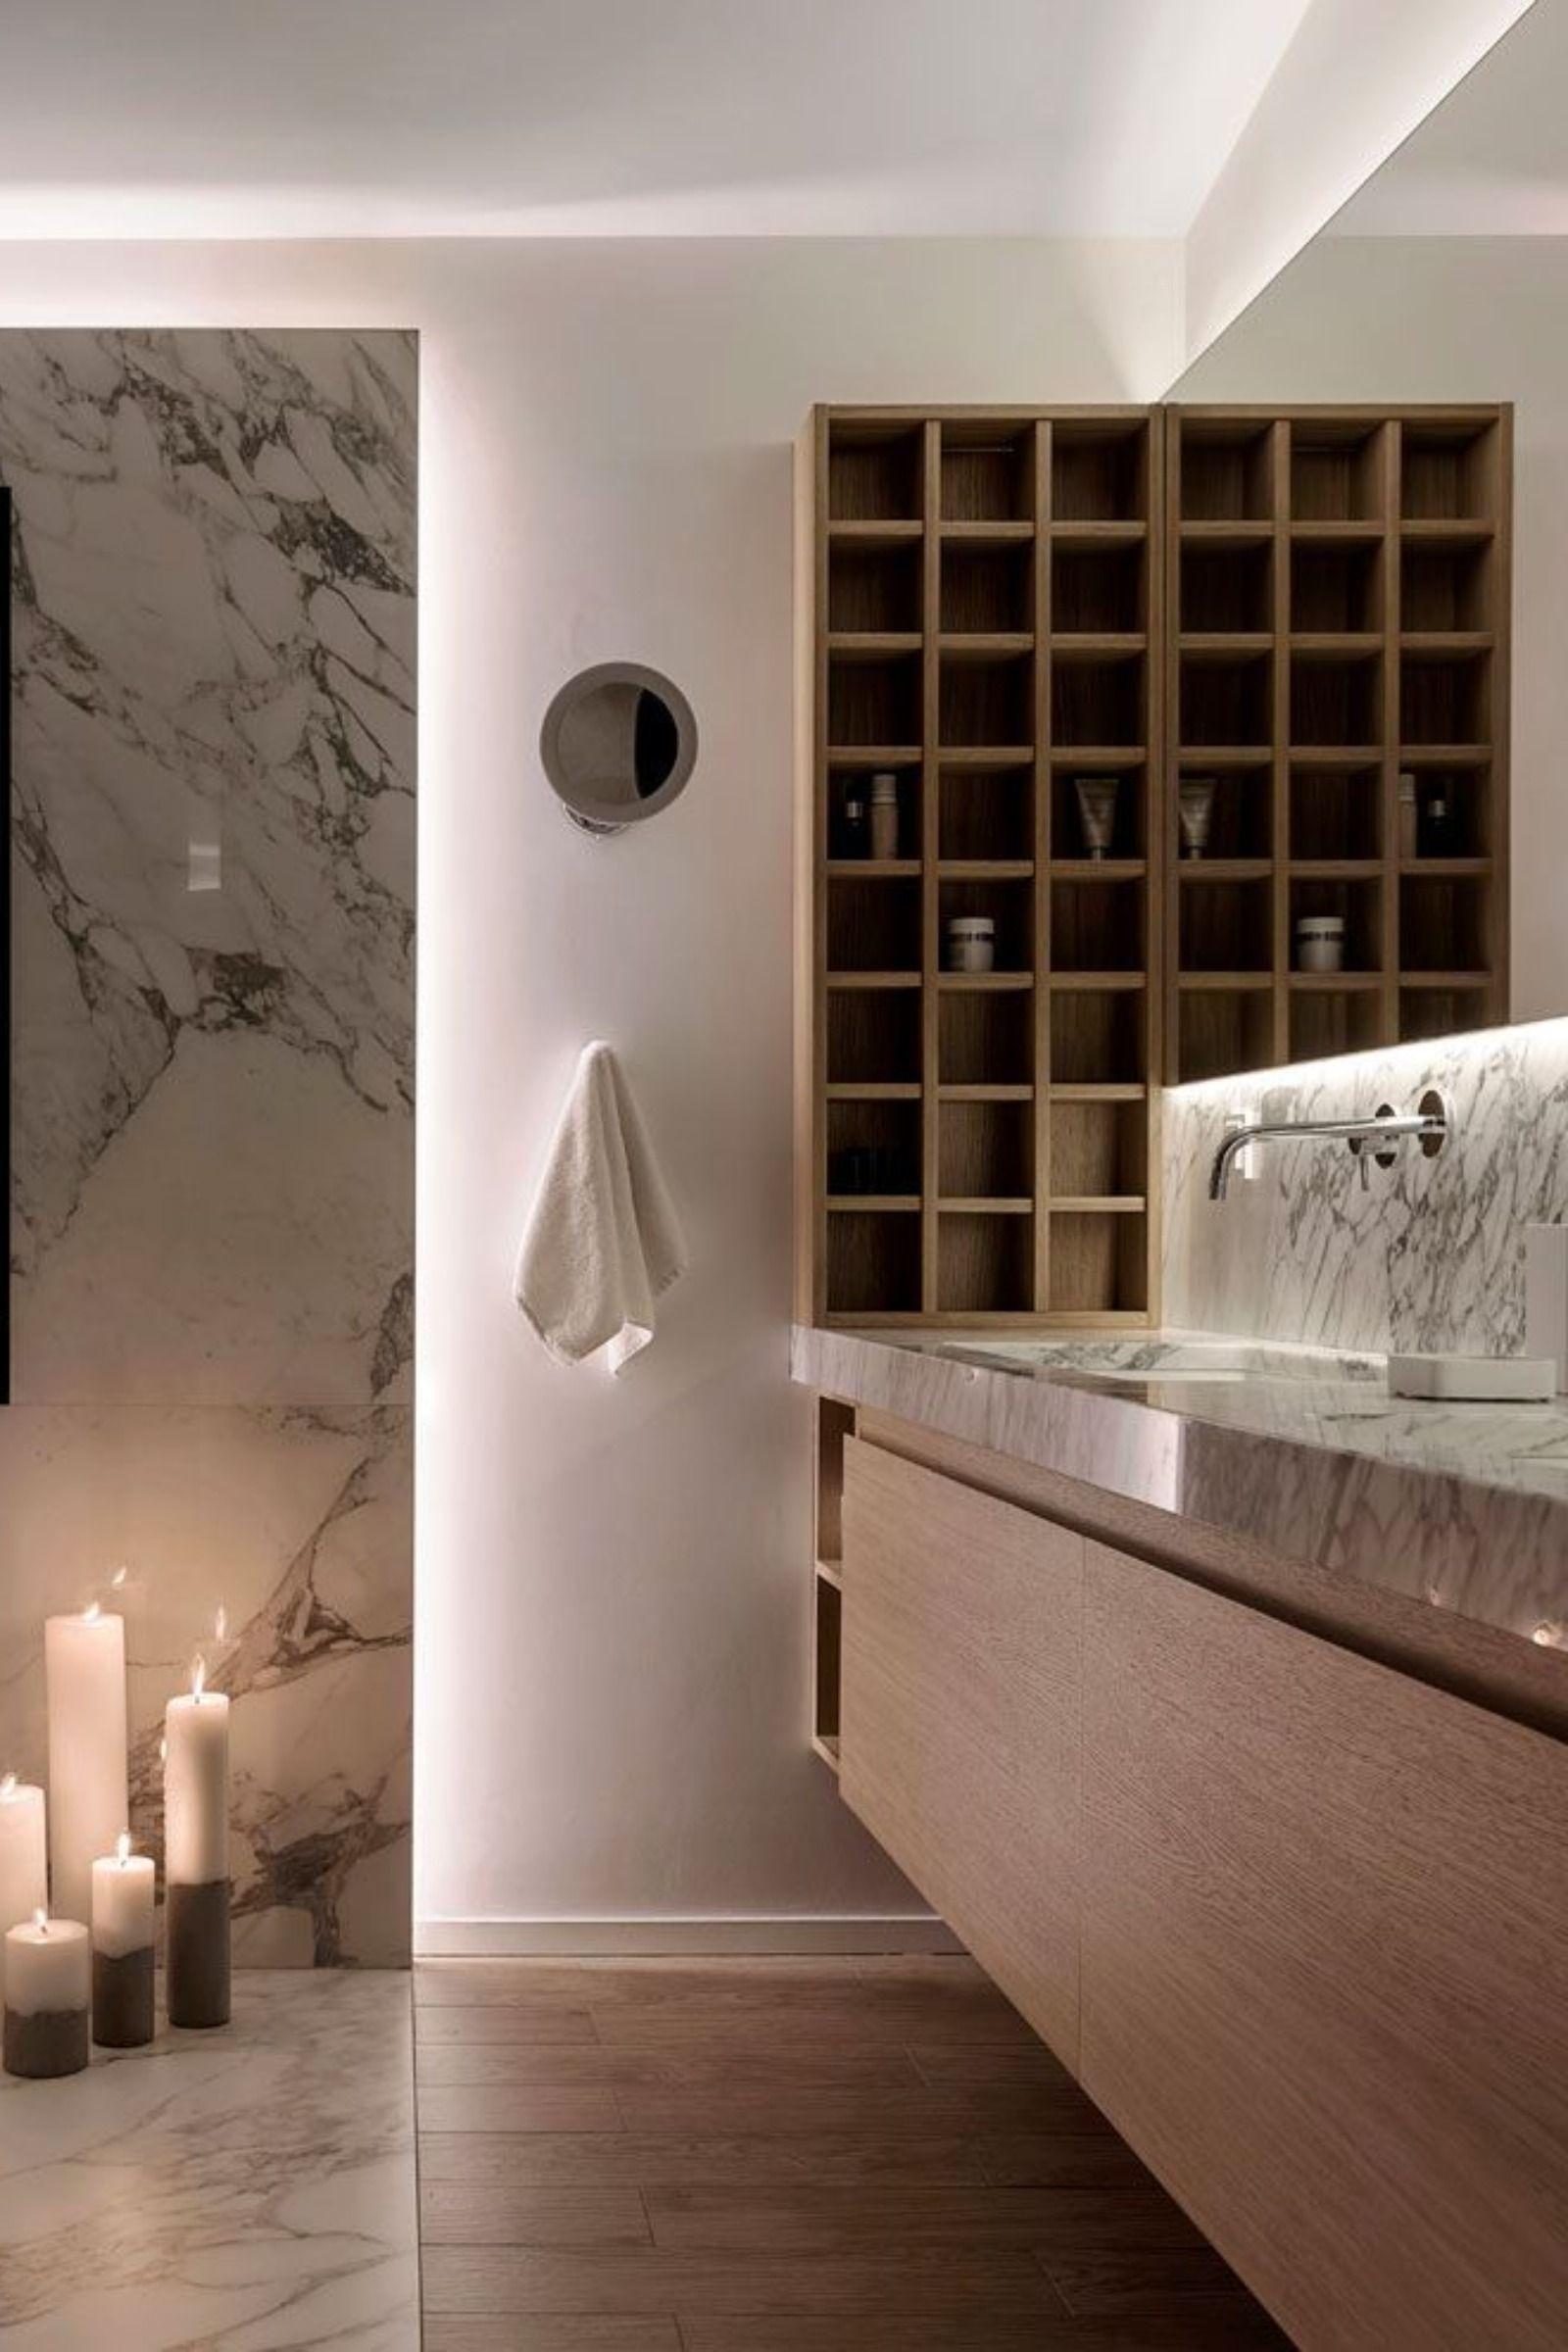 Badezimmer Beleuchtung Fur Ein Schones Ambiente Badezimmer Lichtsteuerung Licht